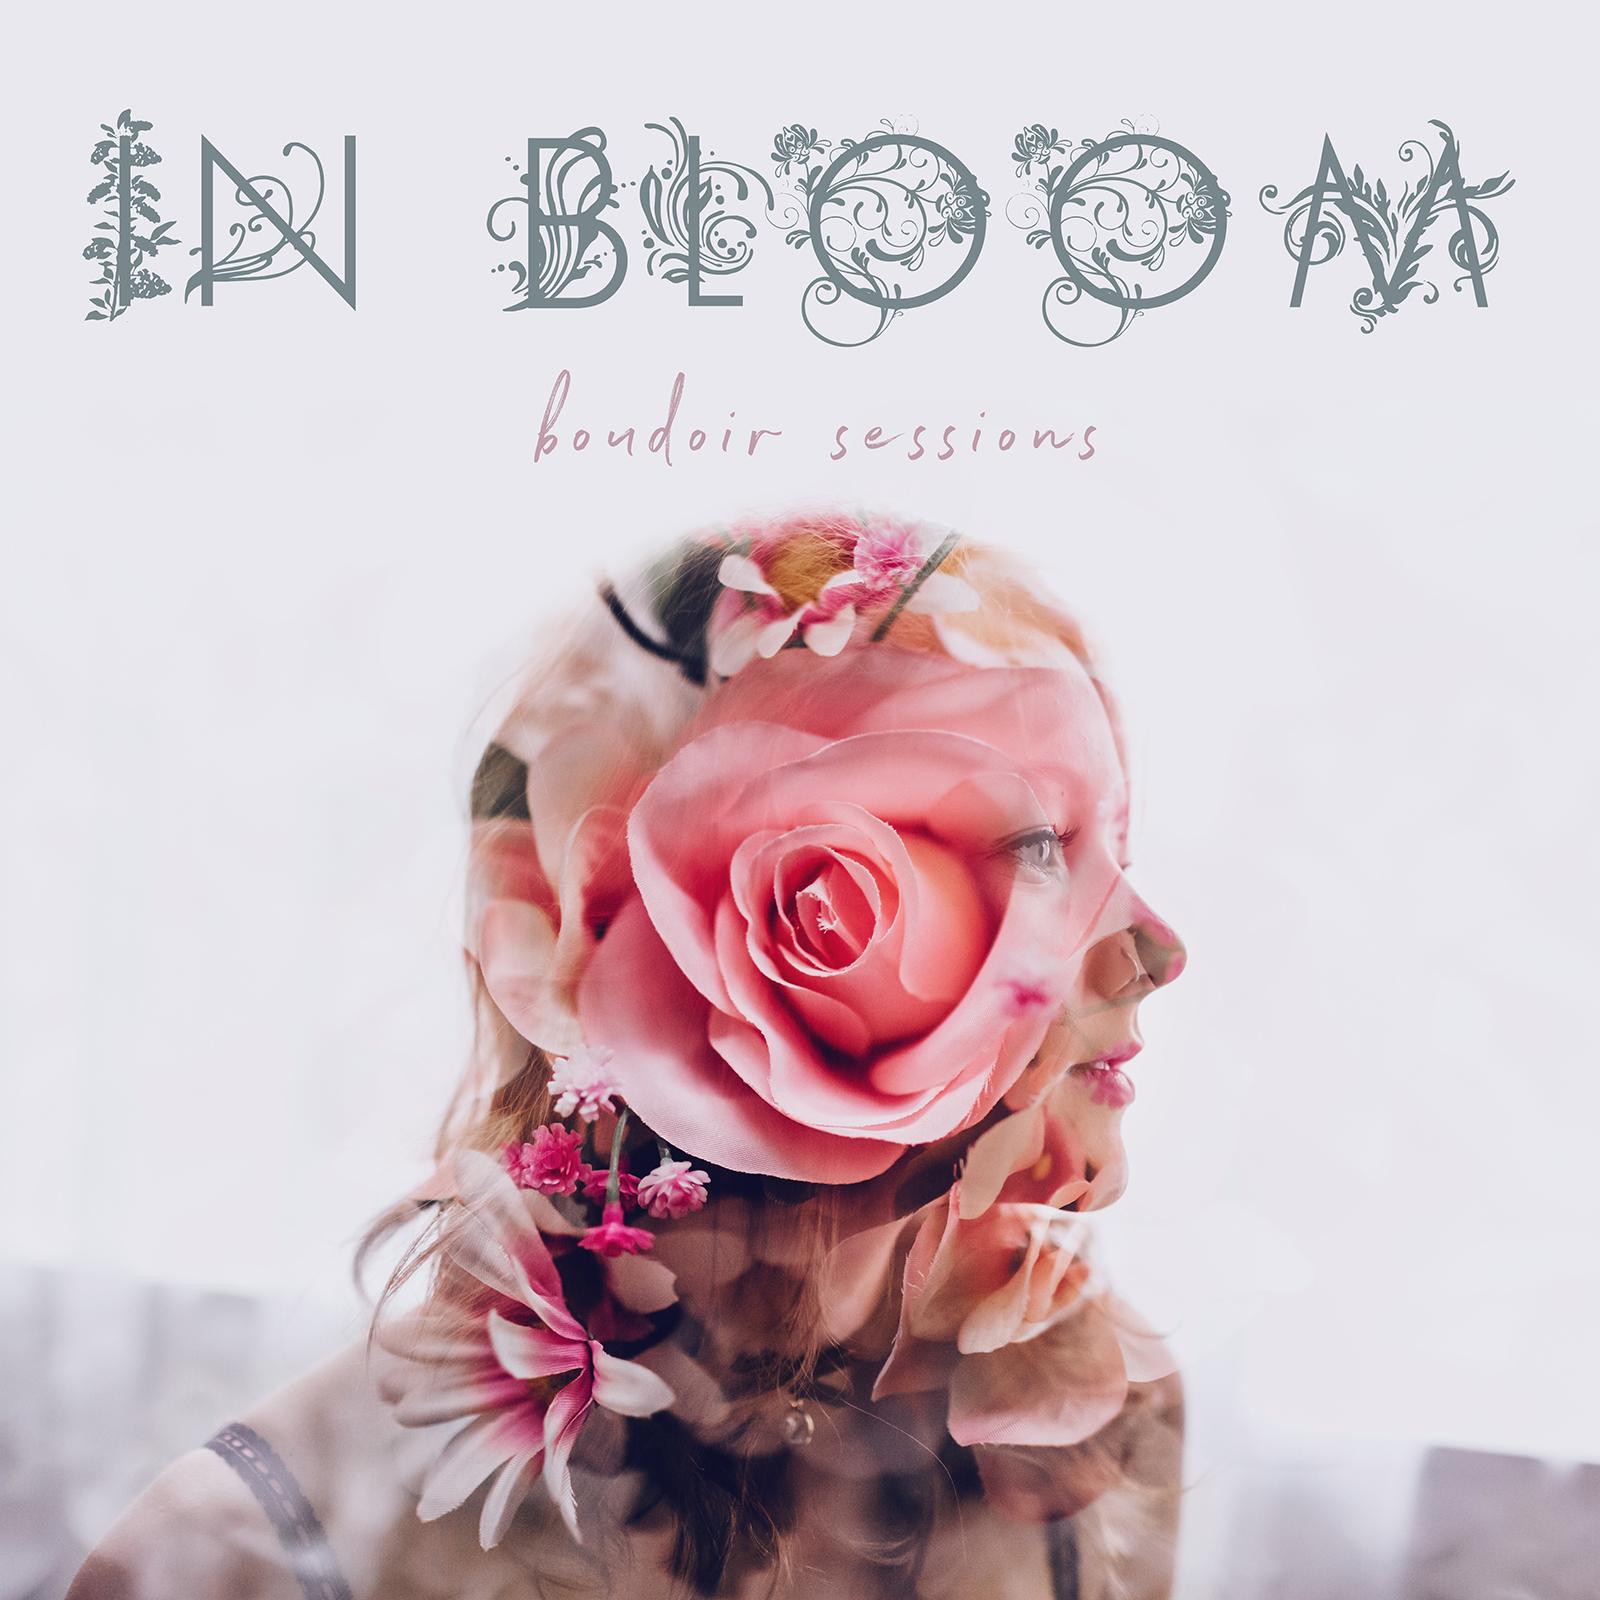 liz osban boudoir sweetheart sessions in bloom